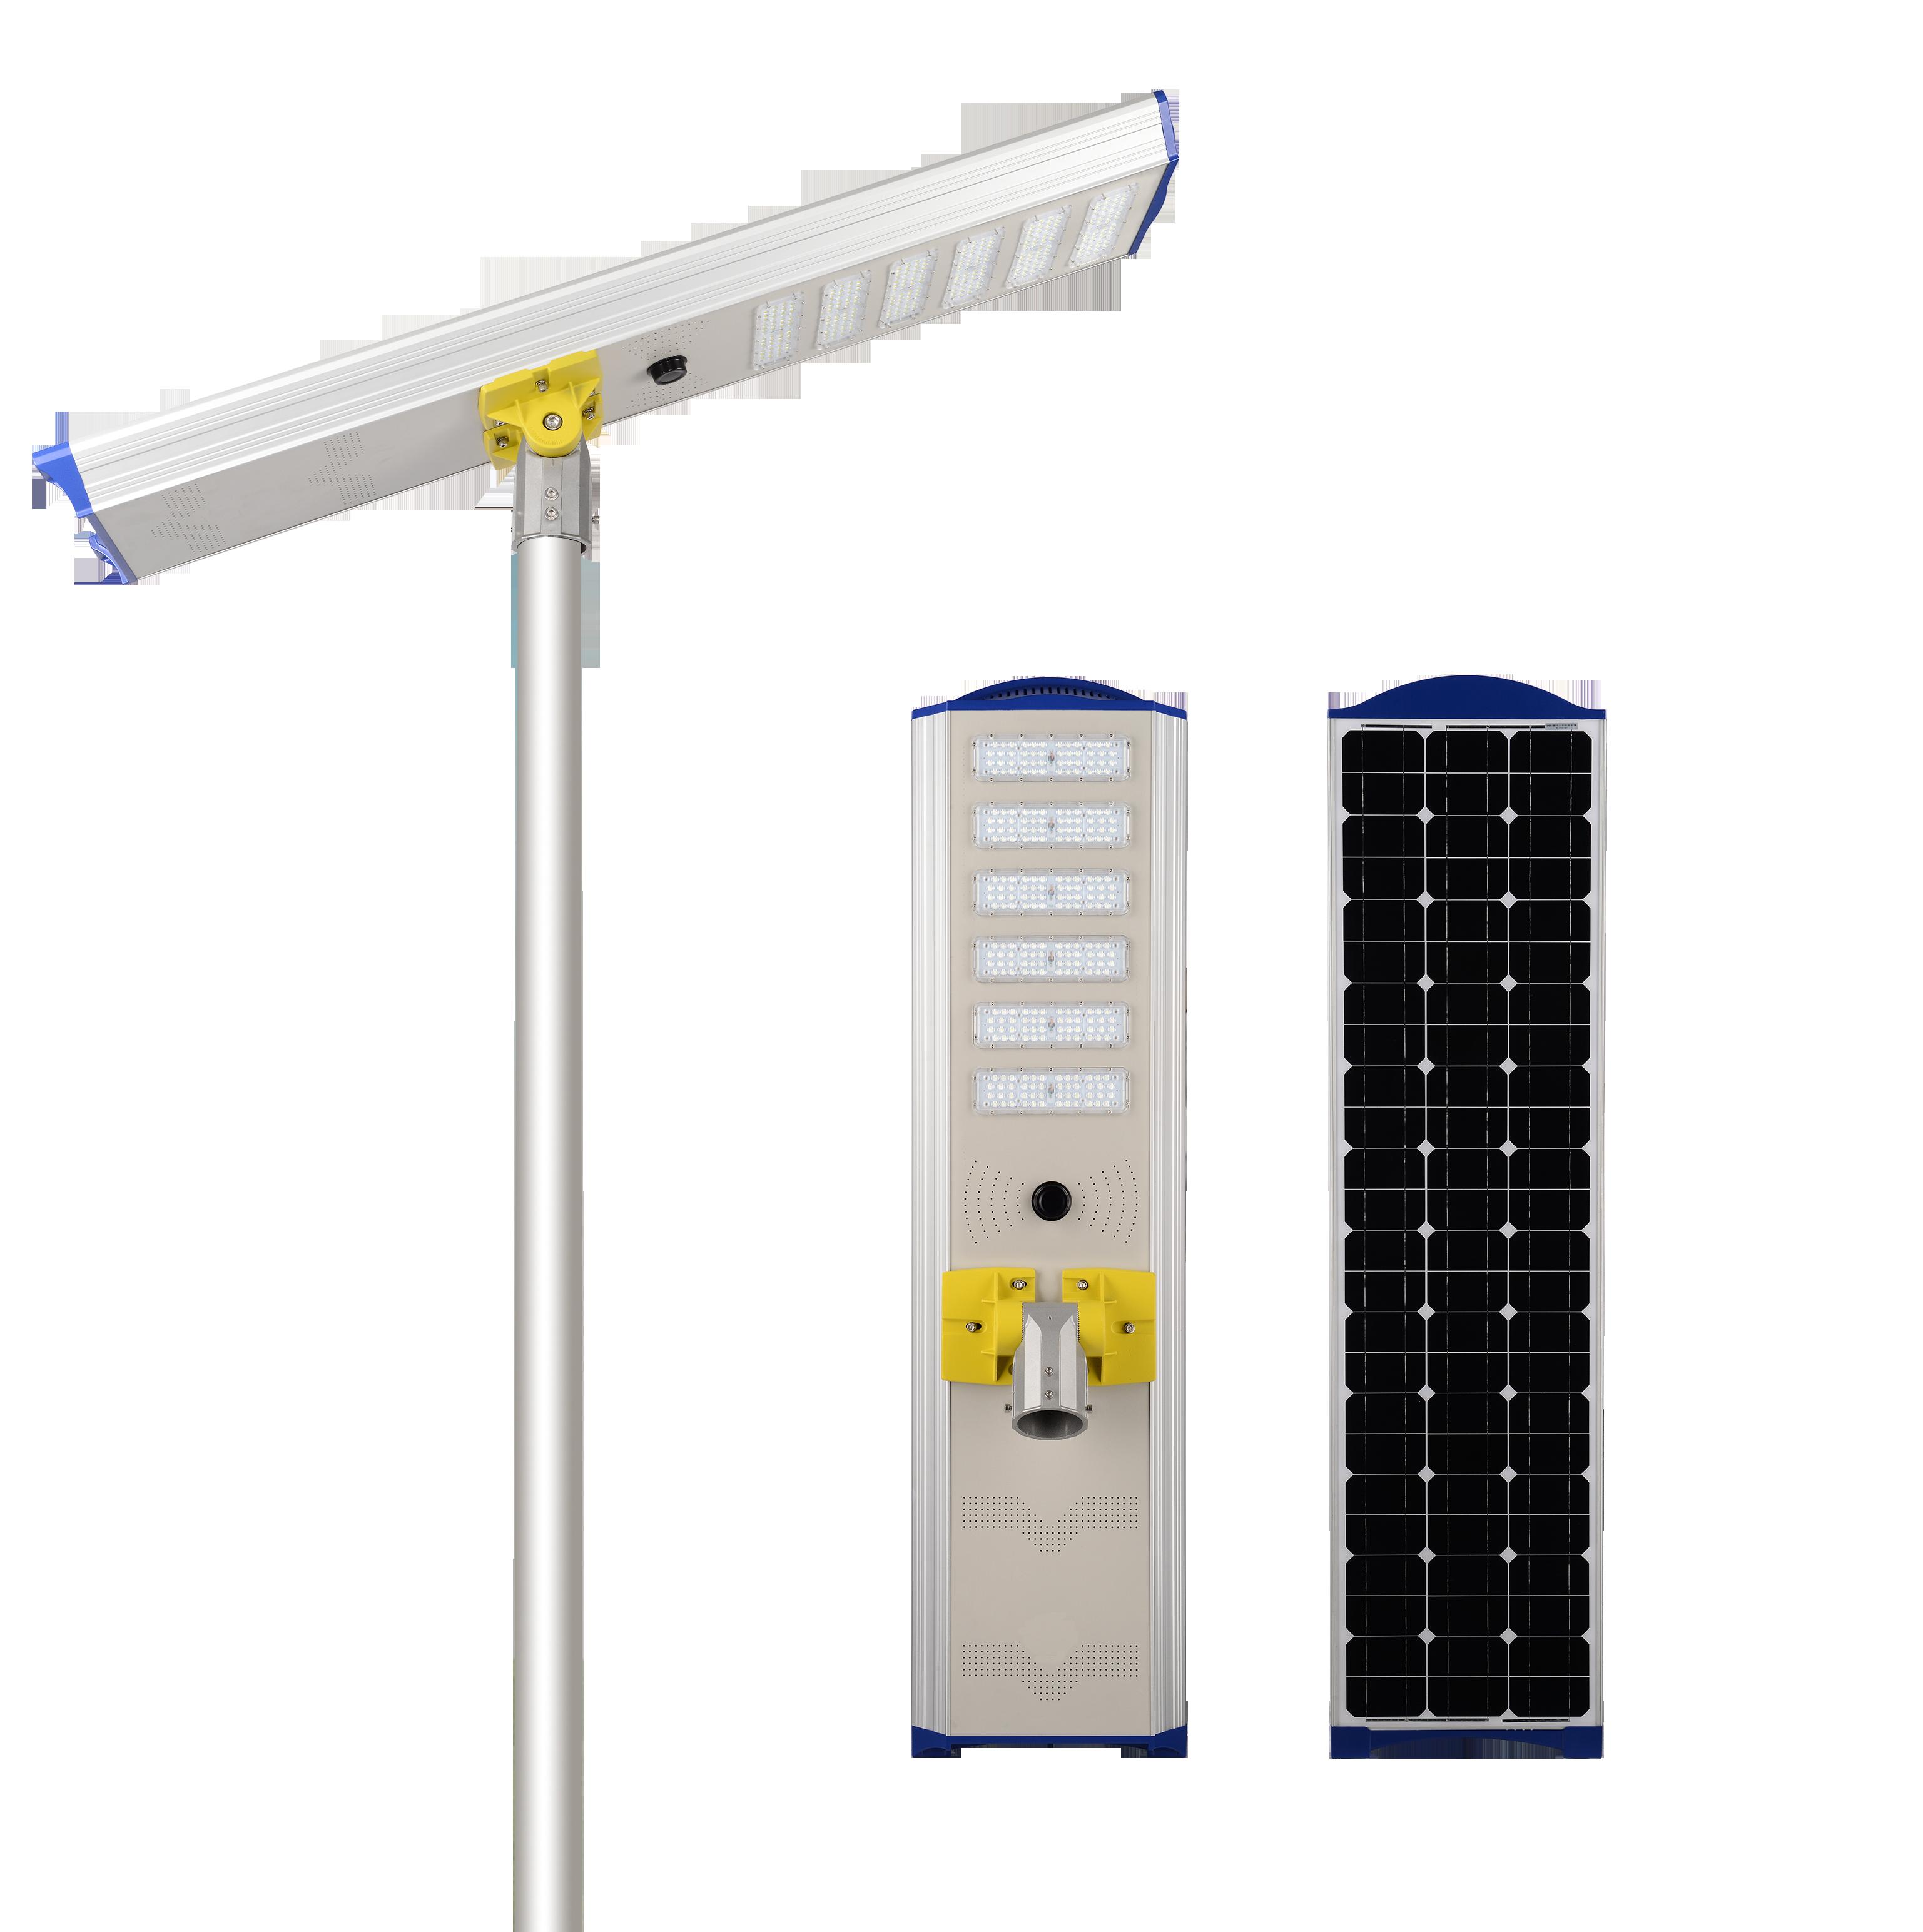 厦门一体化LED路灯批发 福建一体化LED路灯价格 无线一体化L 无线一体化LED路灯 福建LED路灯